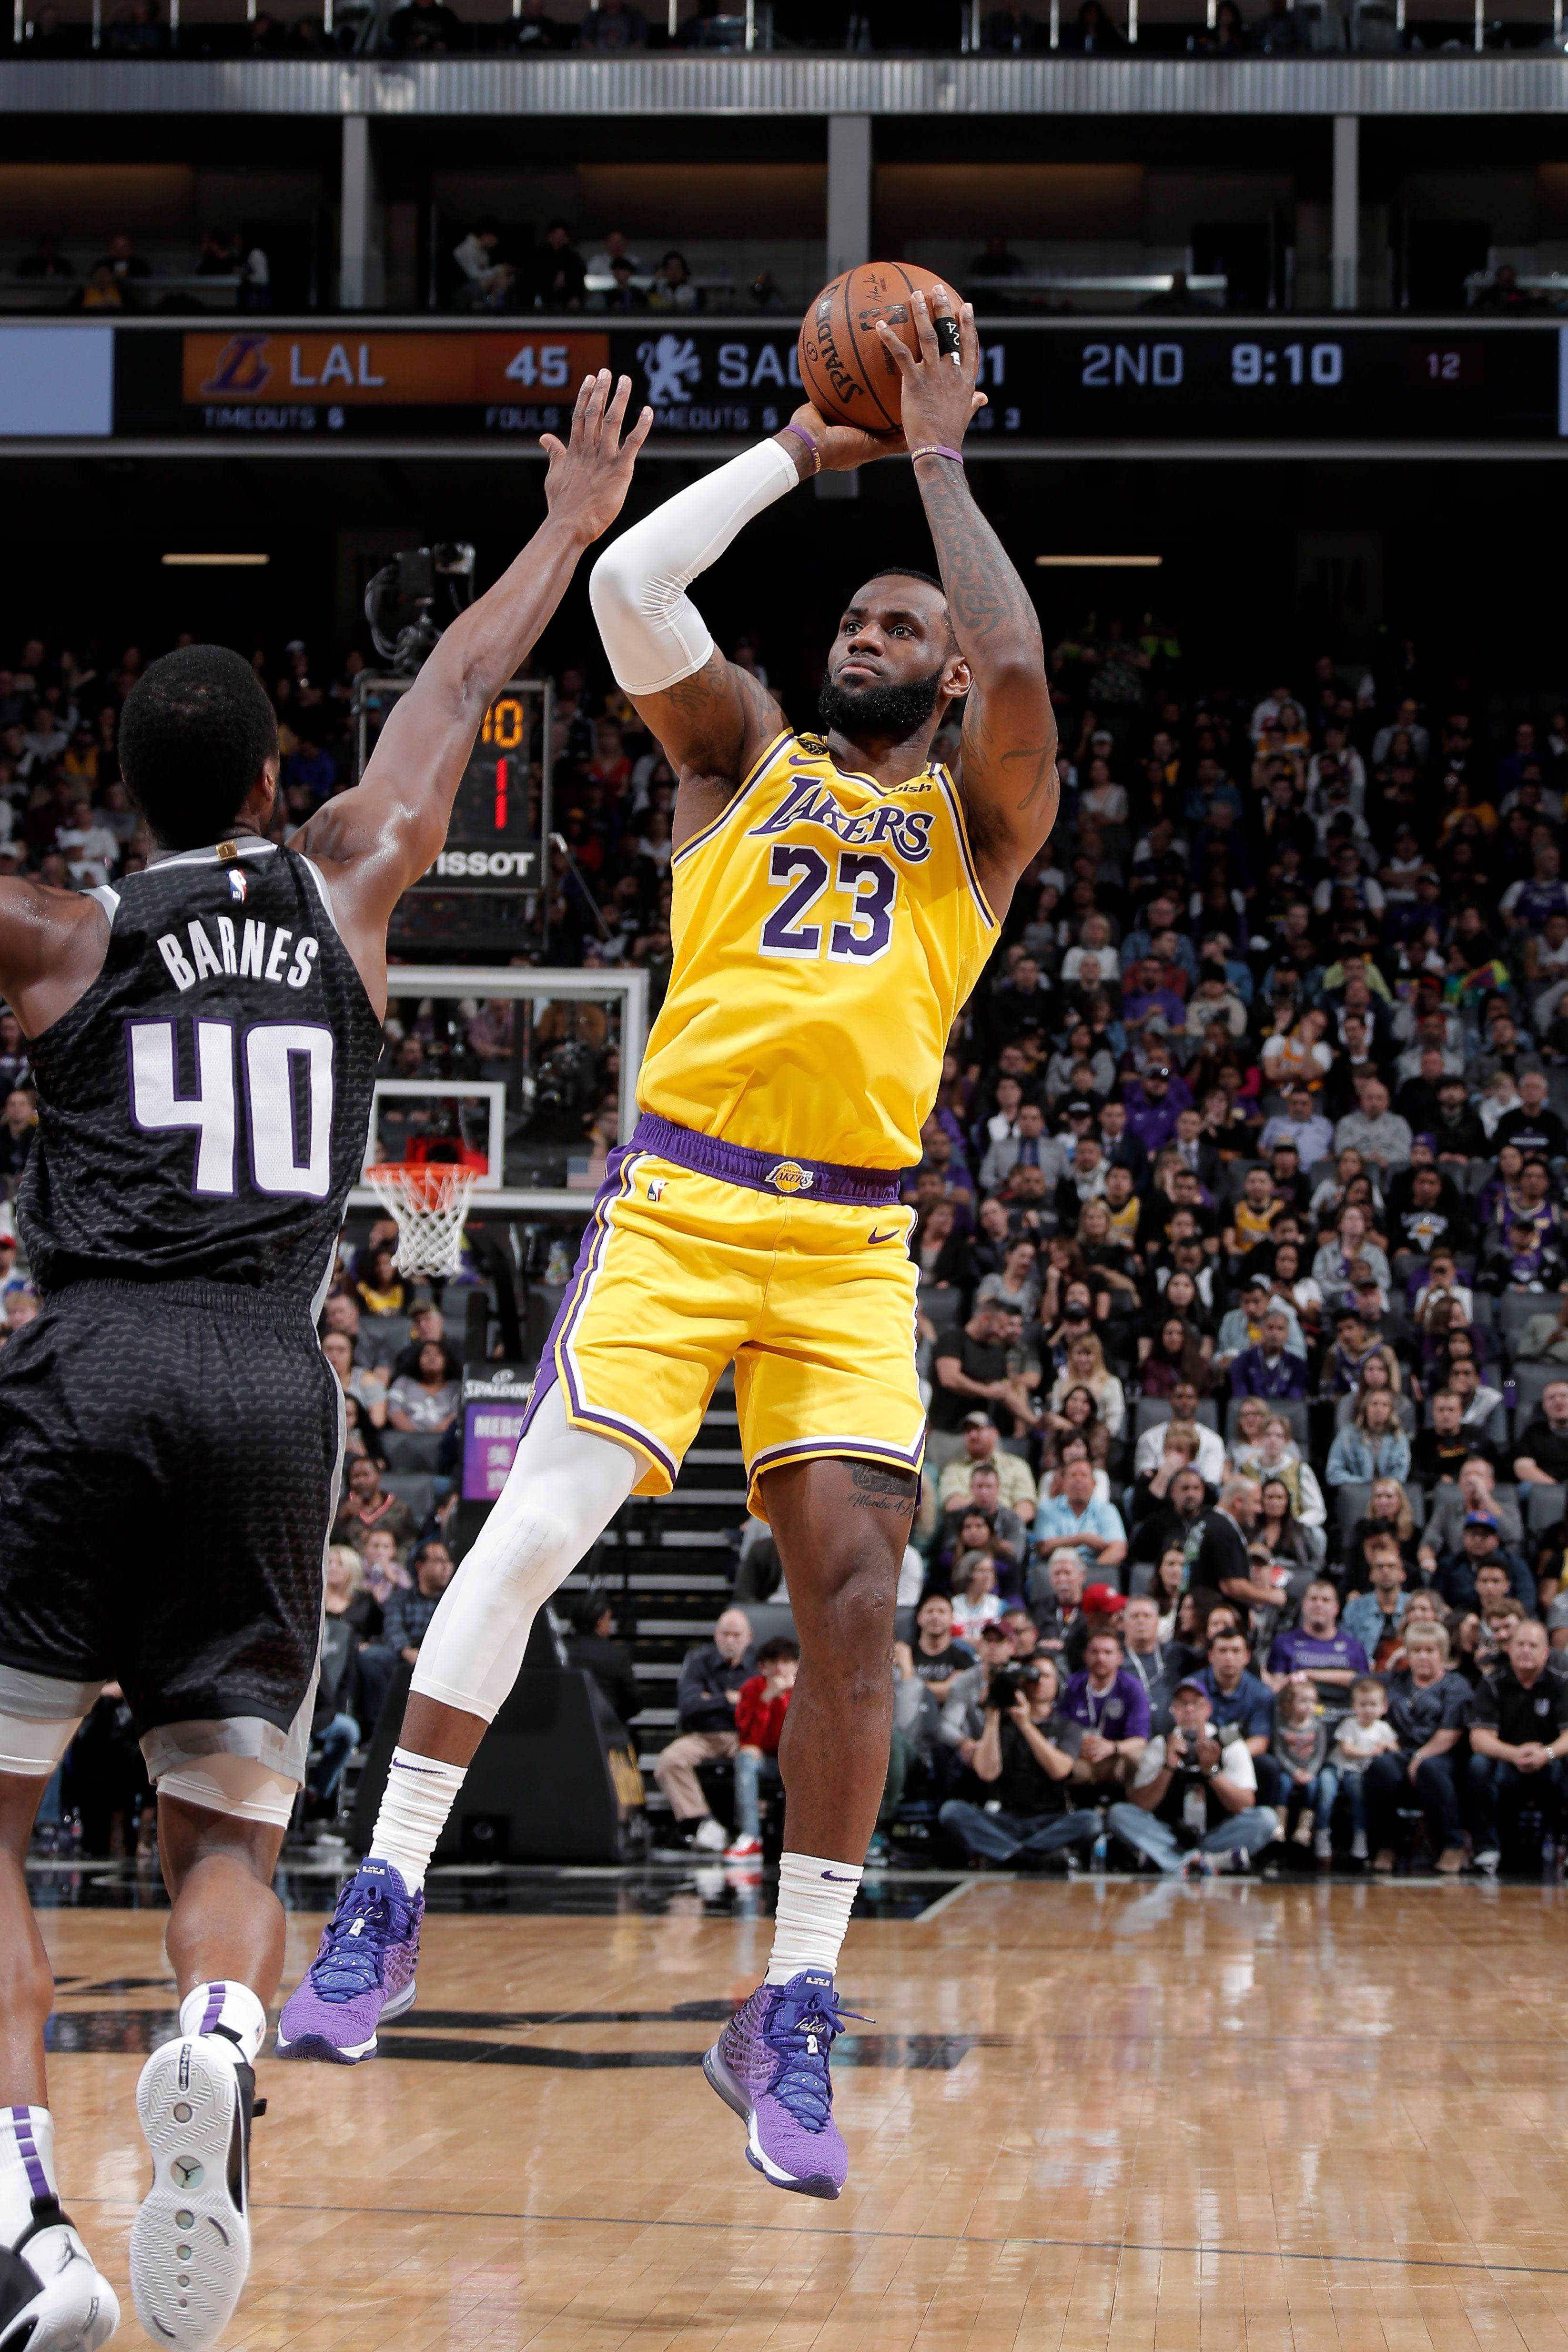 Photos Lakers Vs Kings 02 01 2020 Los Angeles Lakers In 2020 Lakers Vs Kings Lakers Vs Los Angeles Lakers